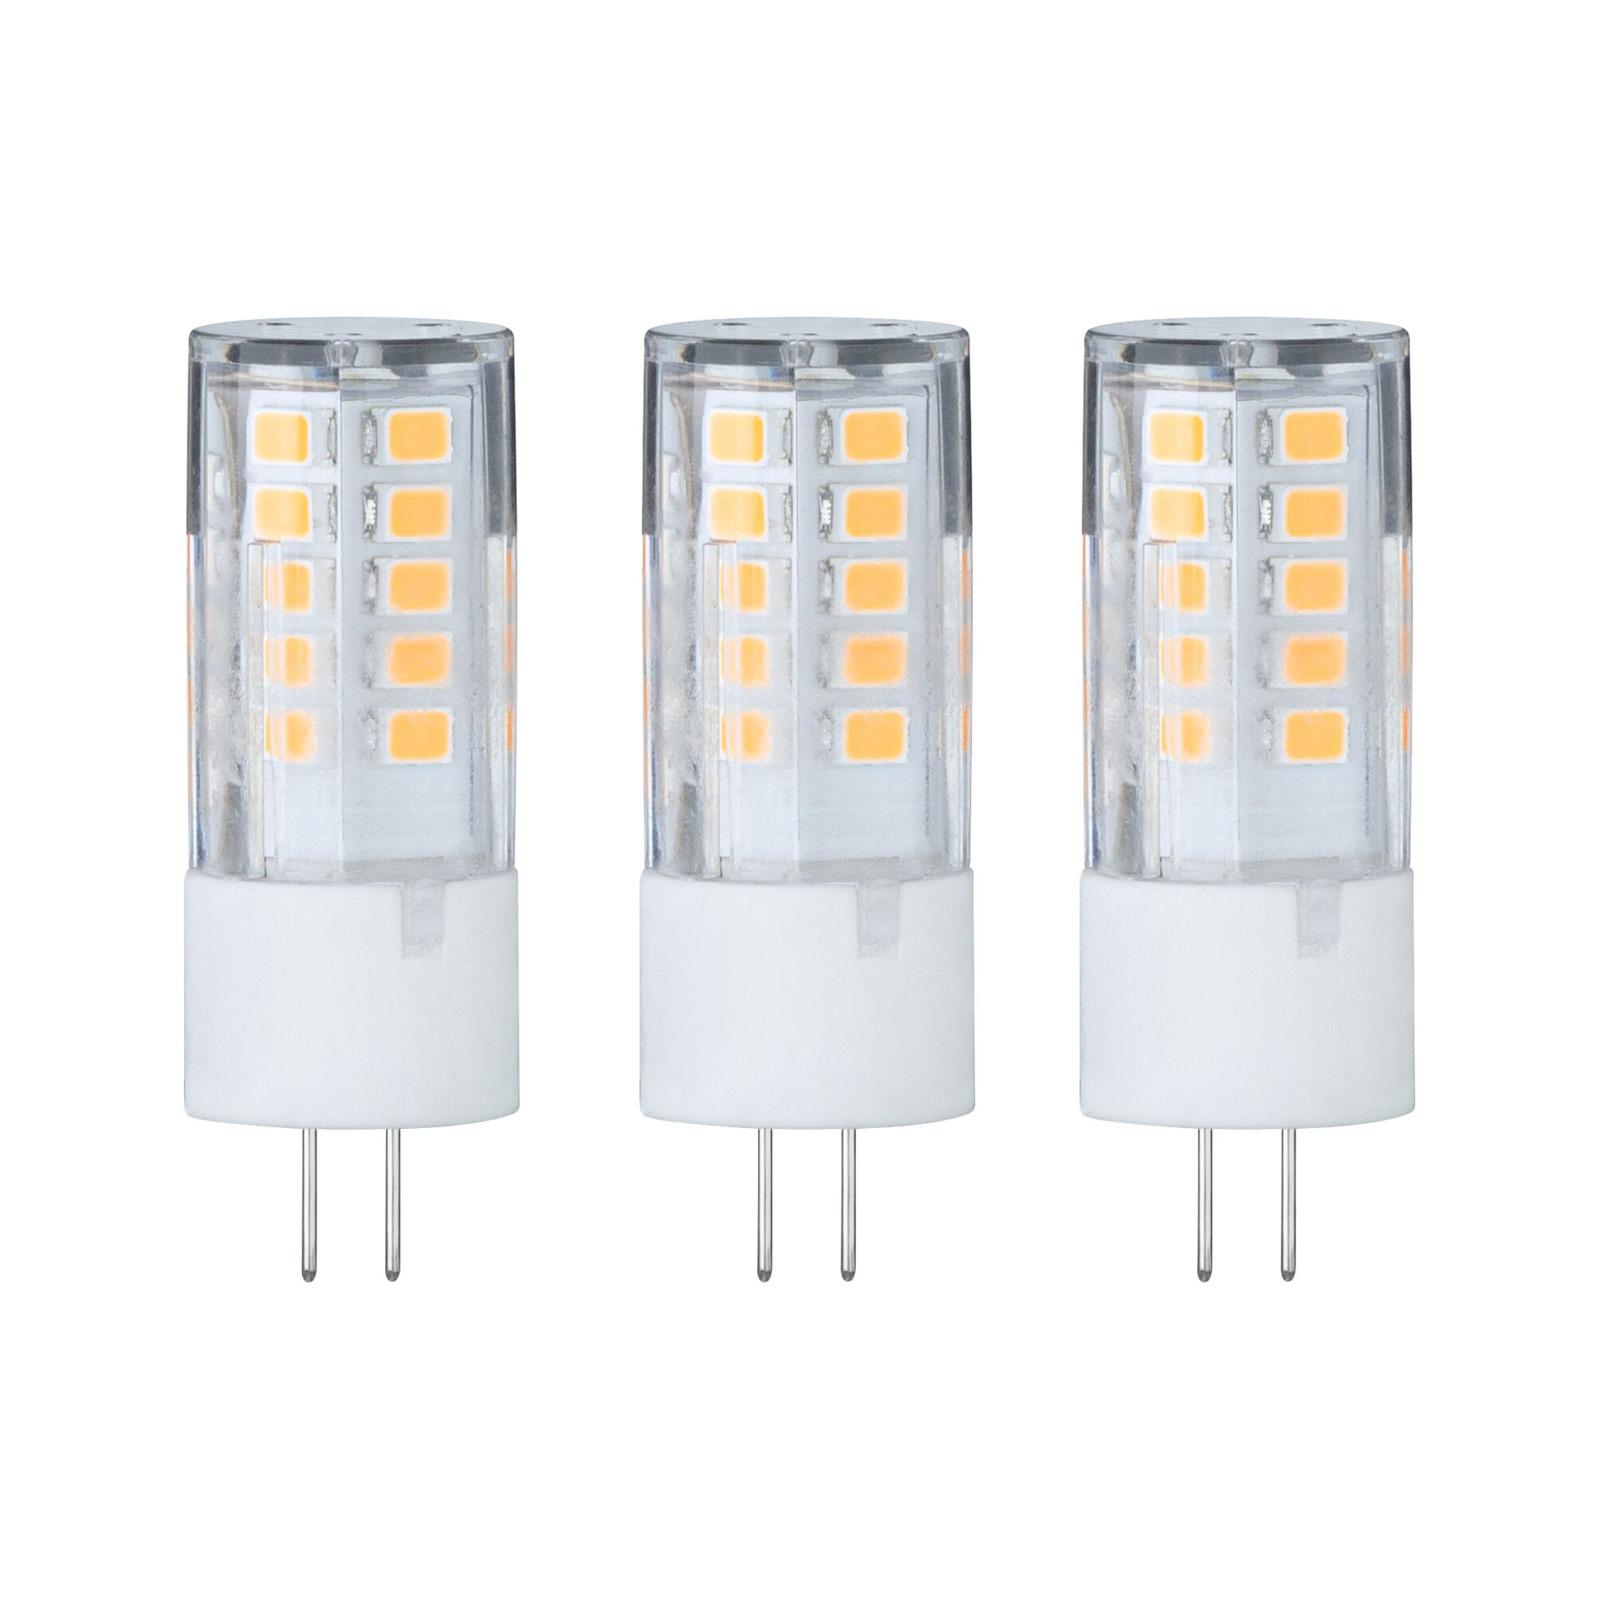 Paulmann LED-stiftpære G4 3W 2700K 3er